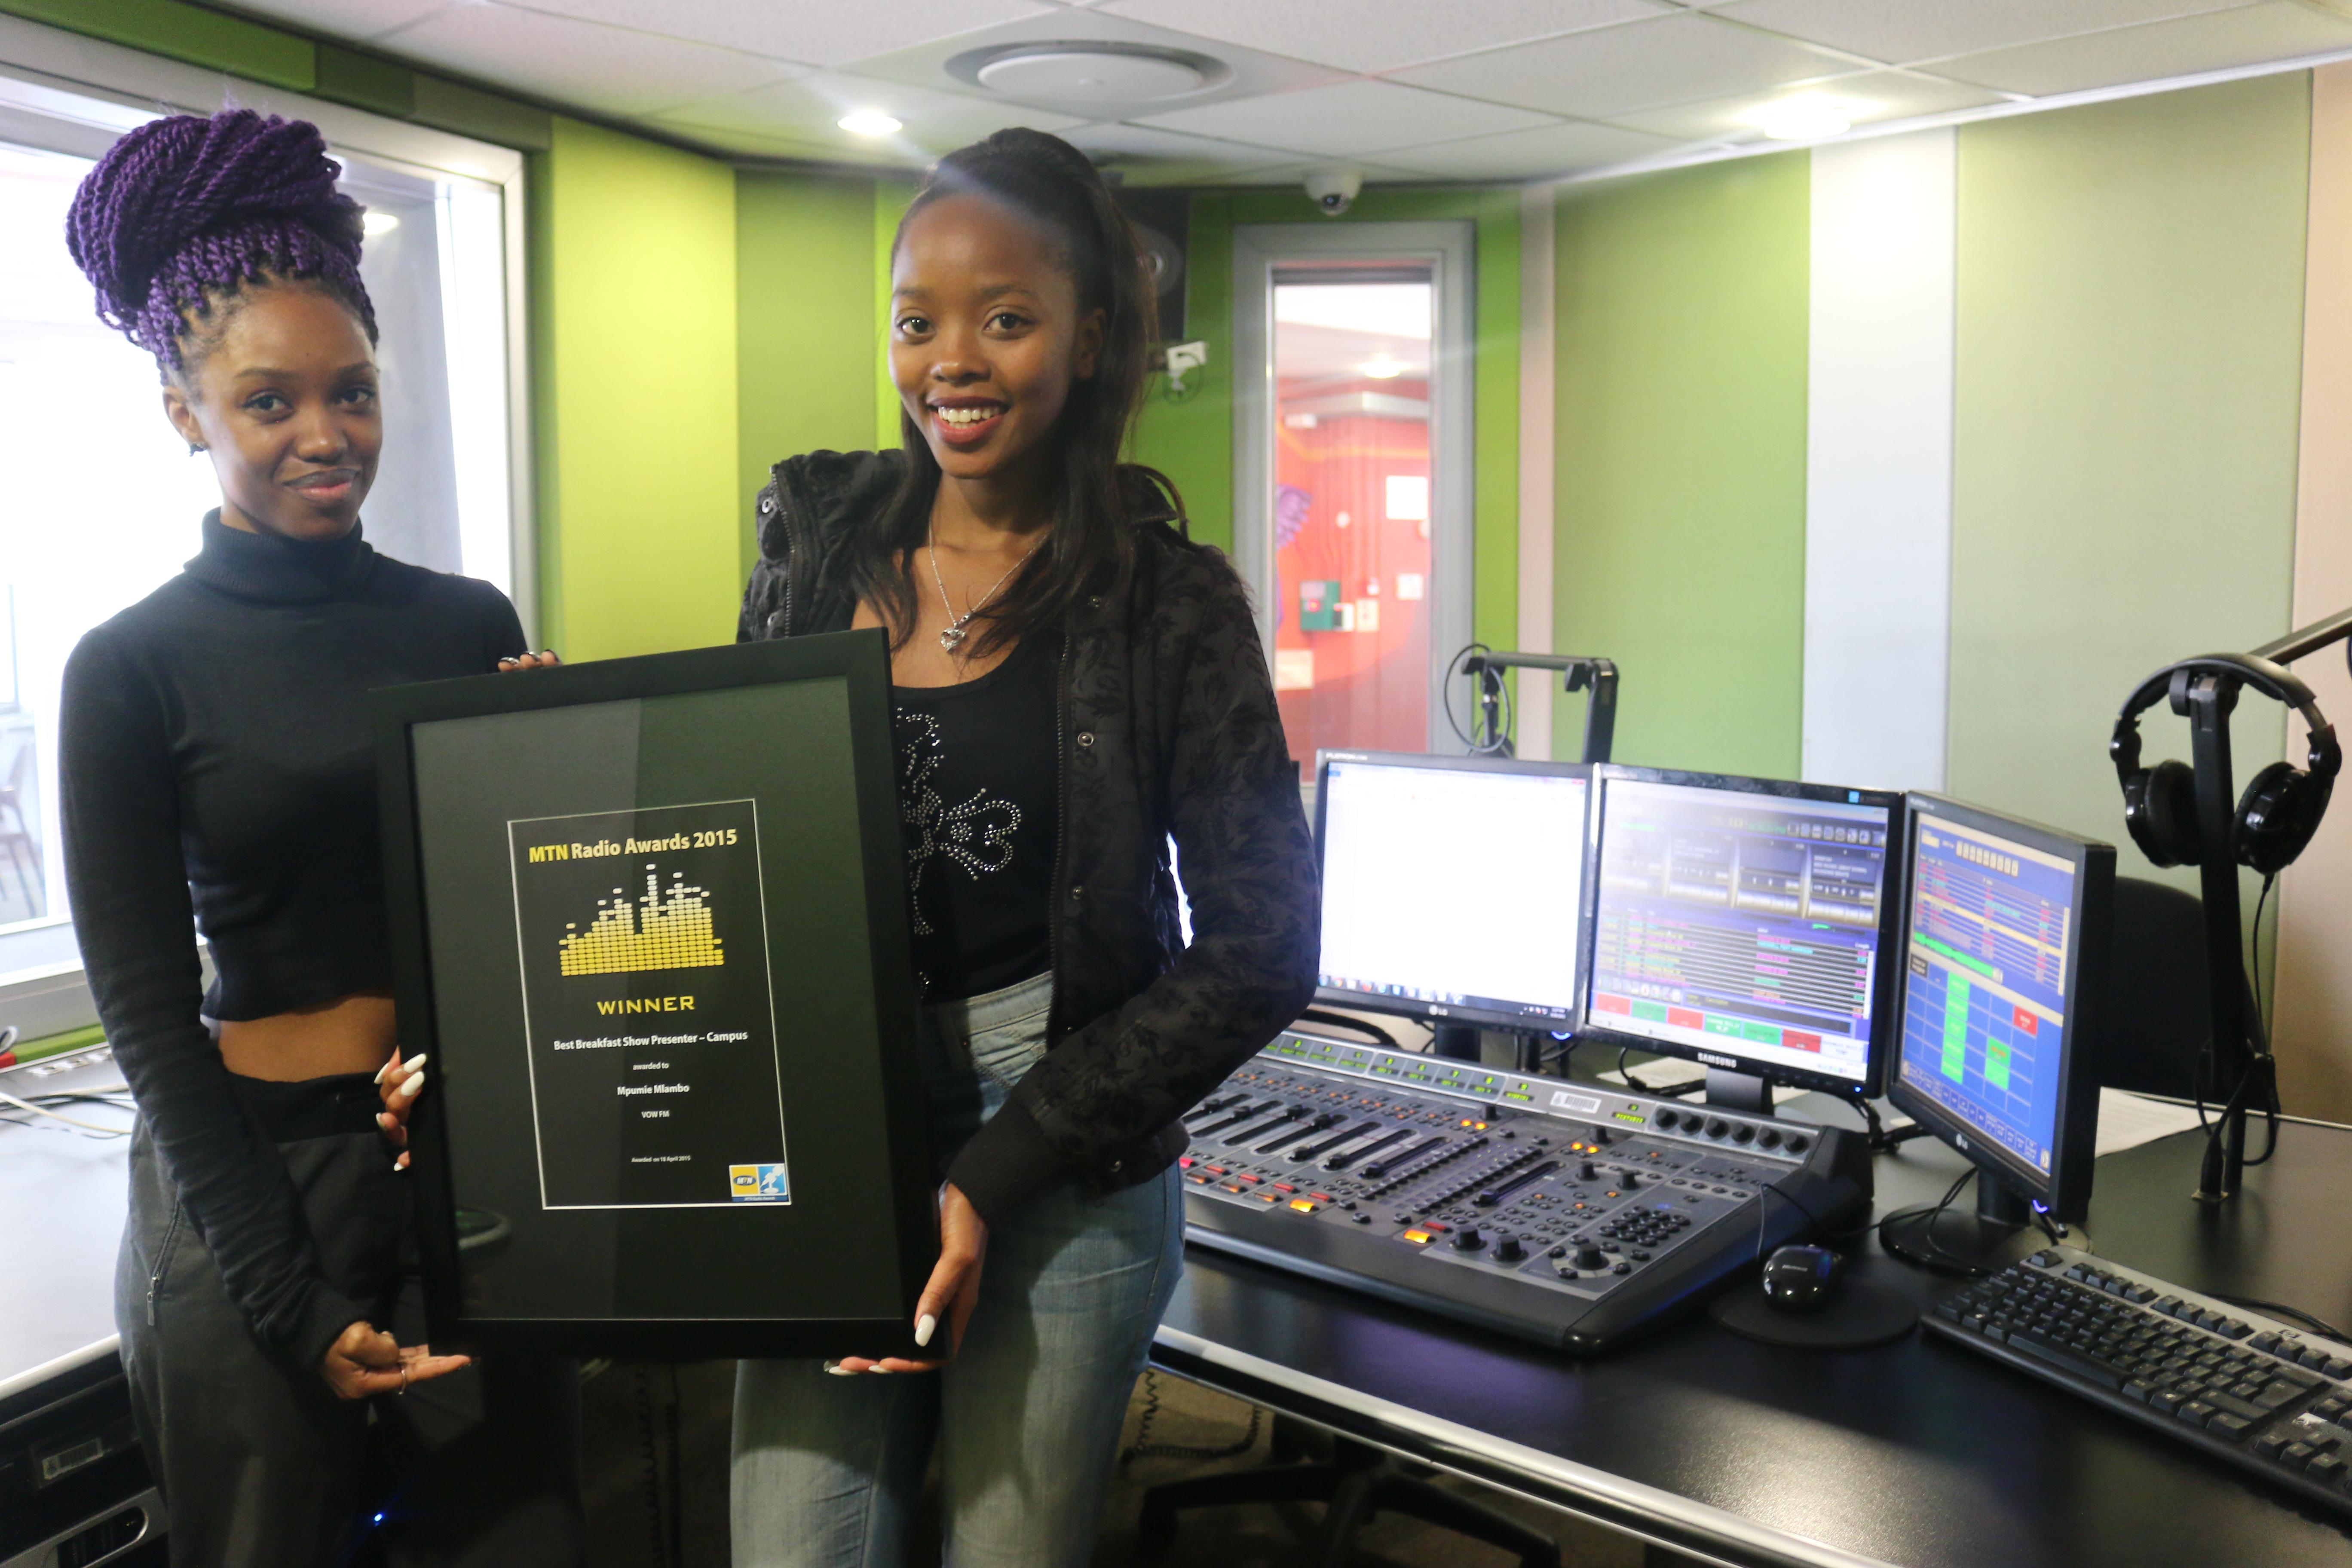 VowFM scoops five radio awards